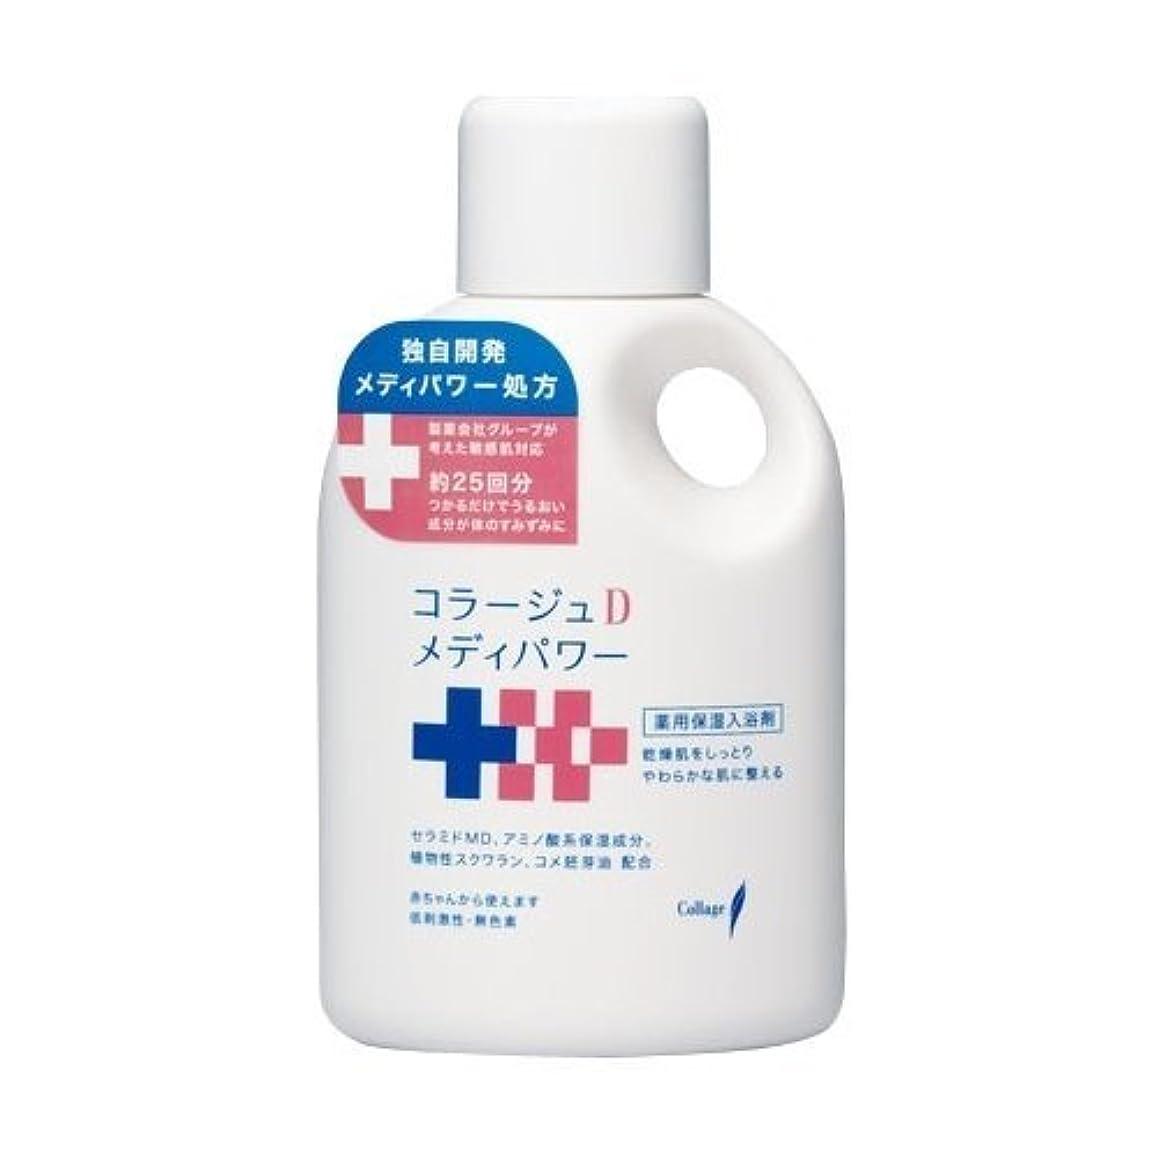 代わって支払い包括的コラージュ Dメディパワー 保湿入浴剤 500mL (医薬部外品)